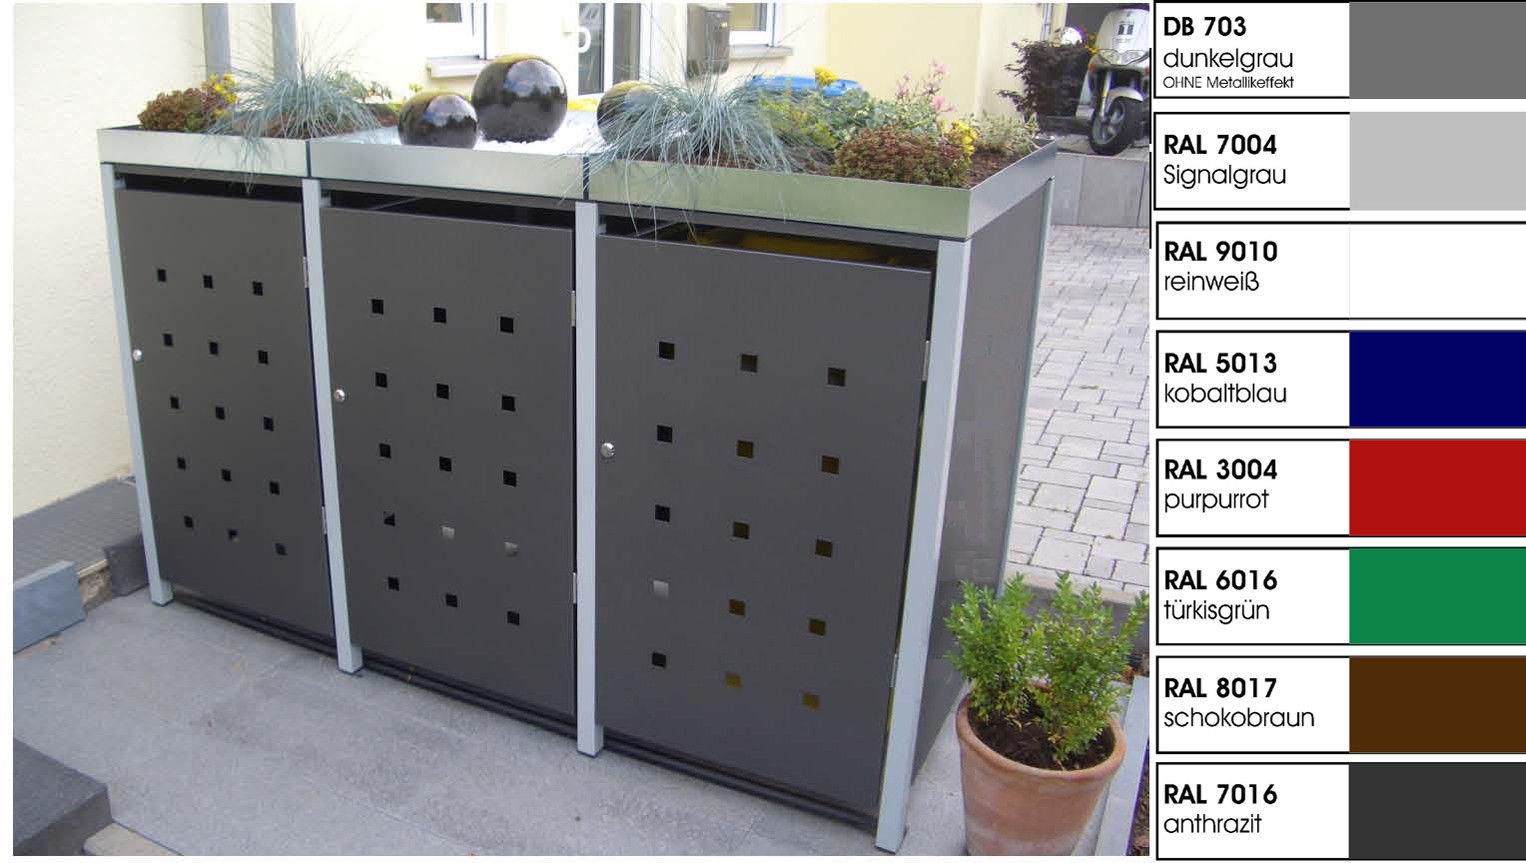 Metall Mülltonnenbox für 3 Tonnen, Müllcontainer, Müllbox. Made in Germany.